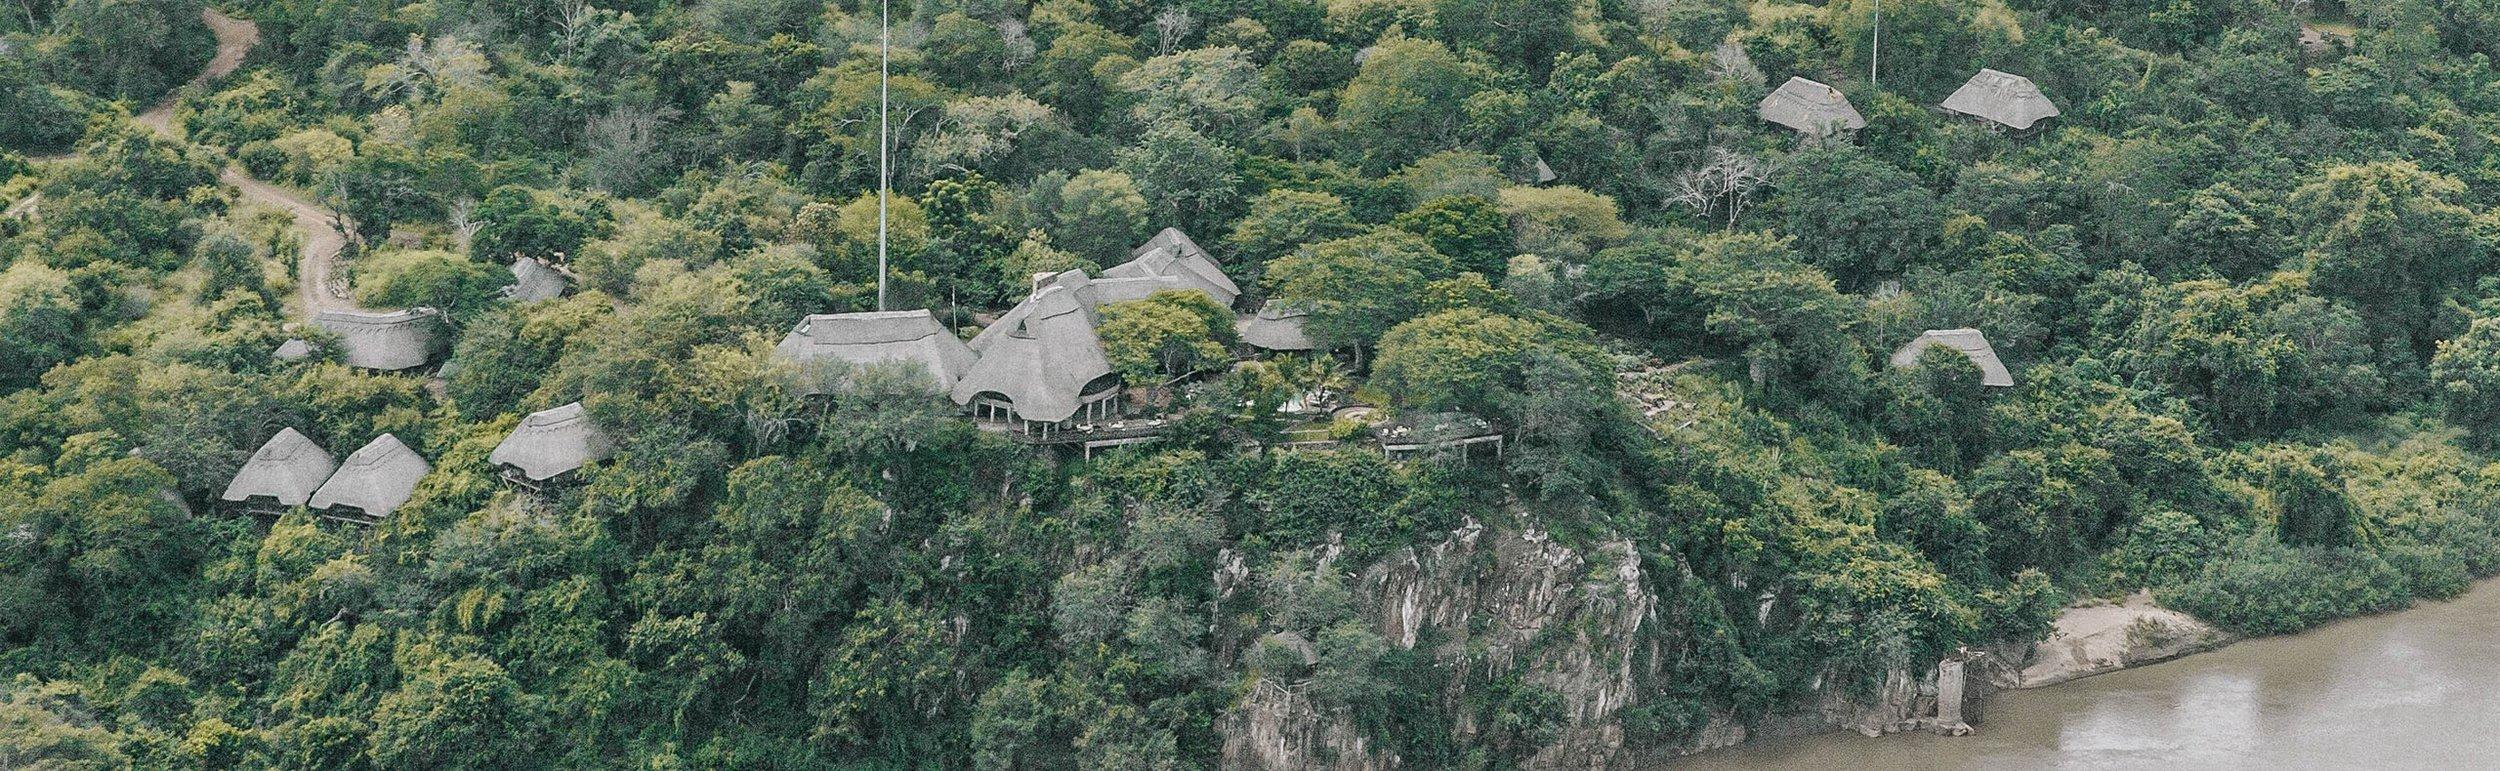 Vue aérienne du Chilo Gorge lodge